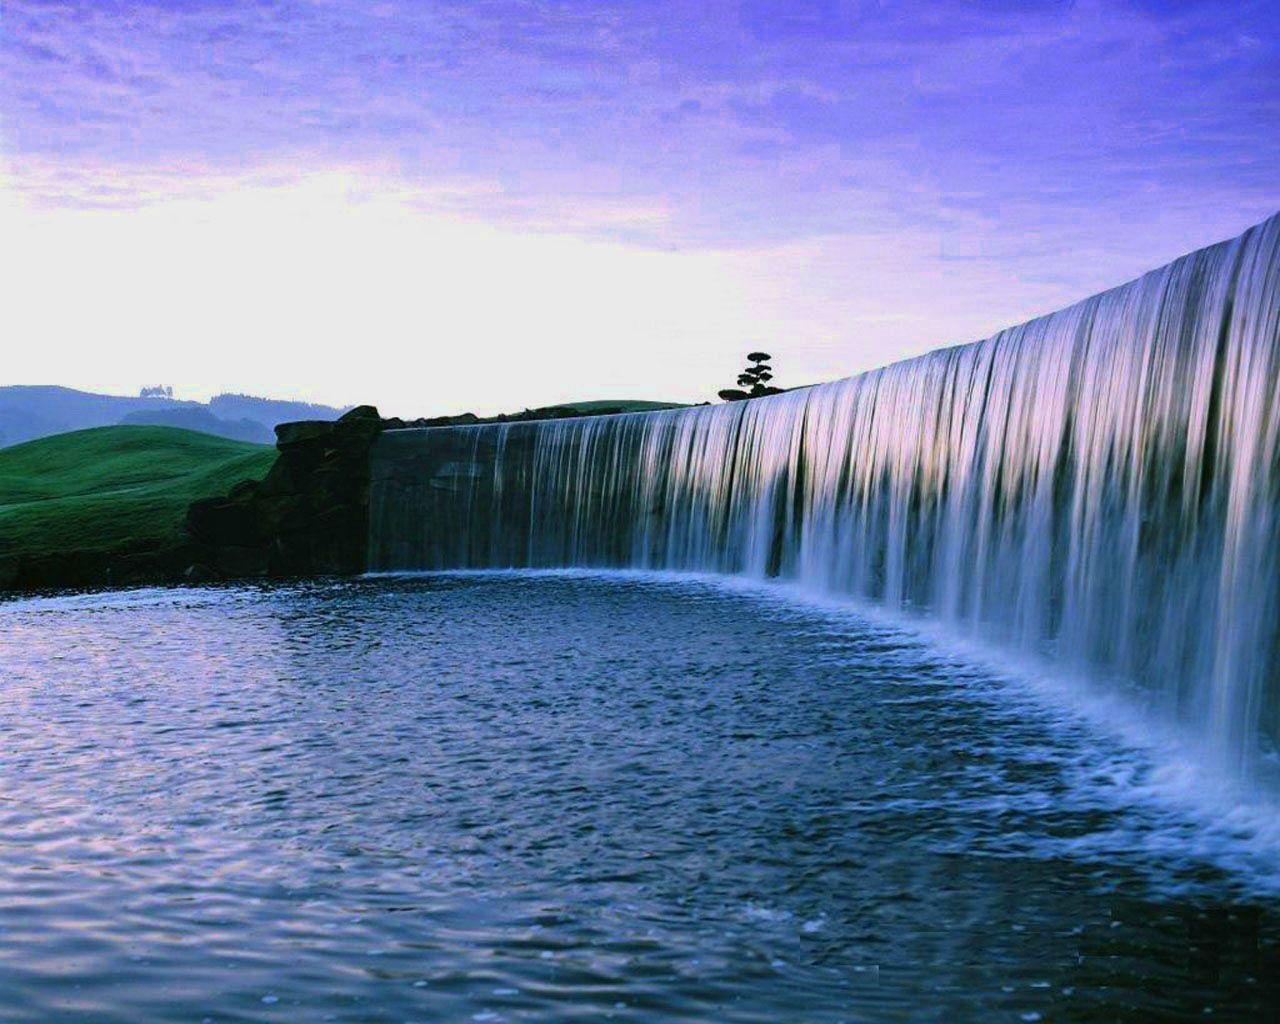 Natural Waterfall Wallpaper Dengan Gambar Pemandangan Lautan